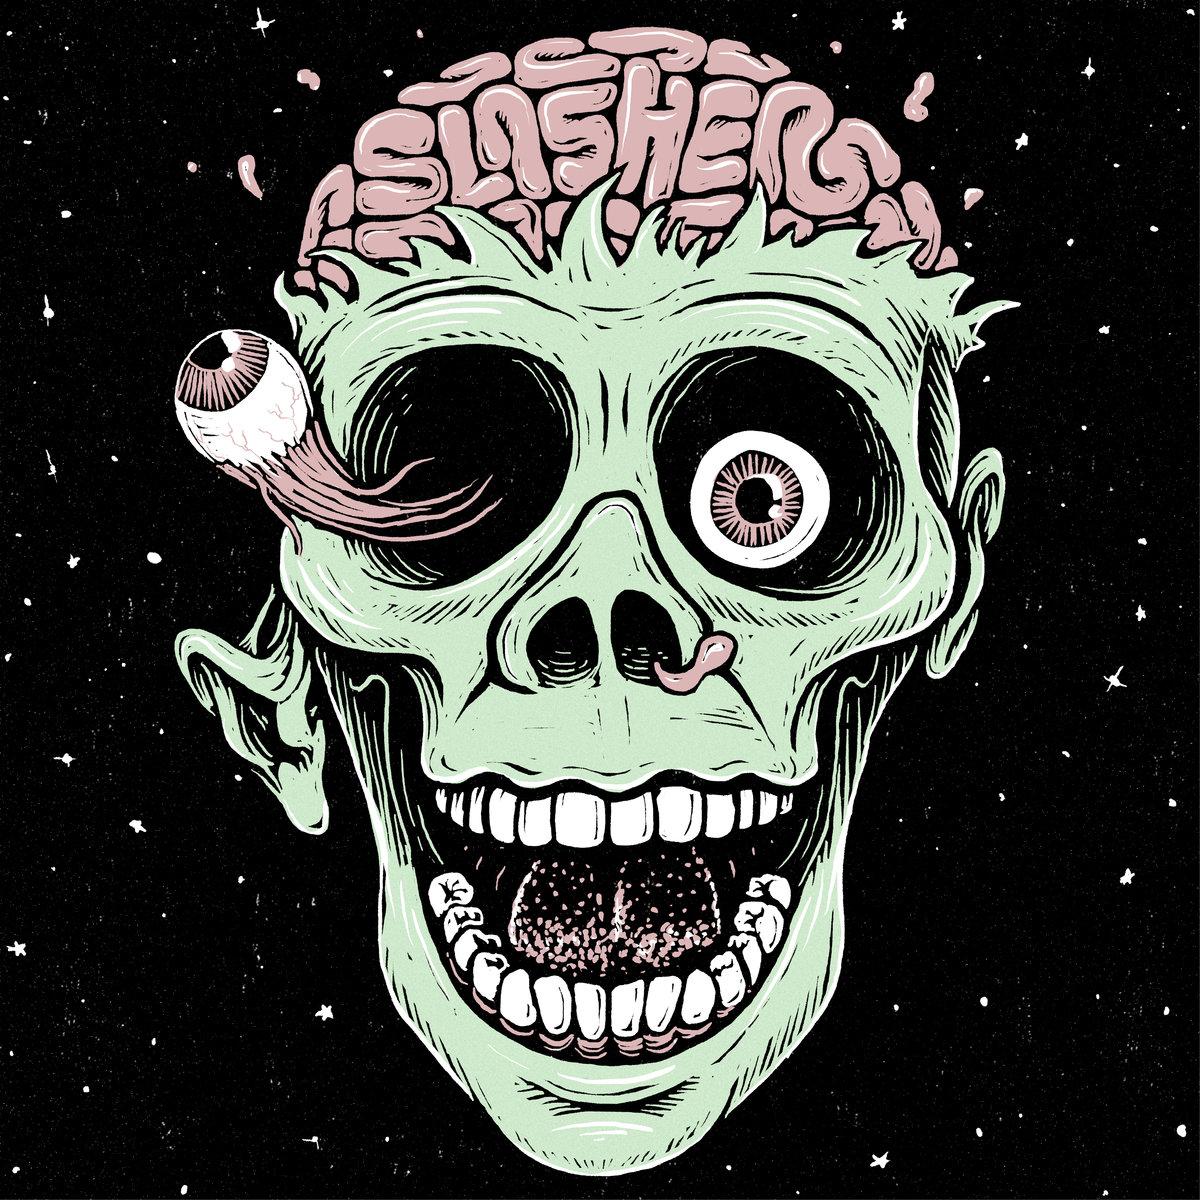 Slashers - Slashers